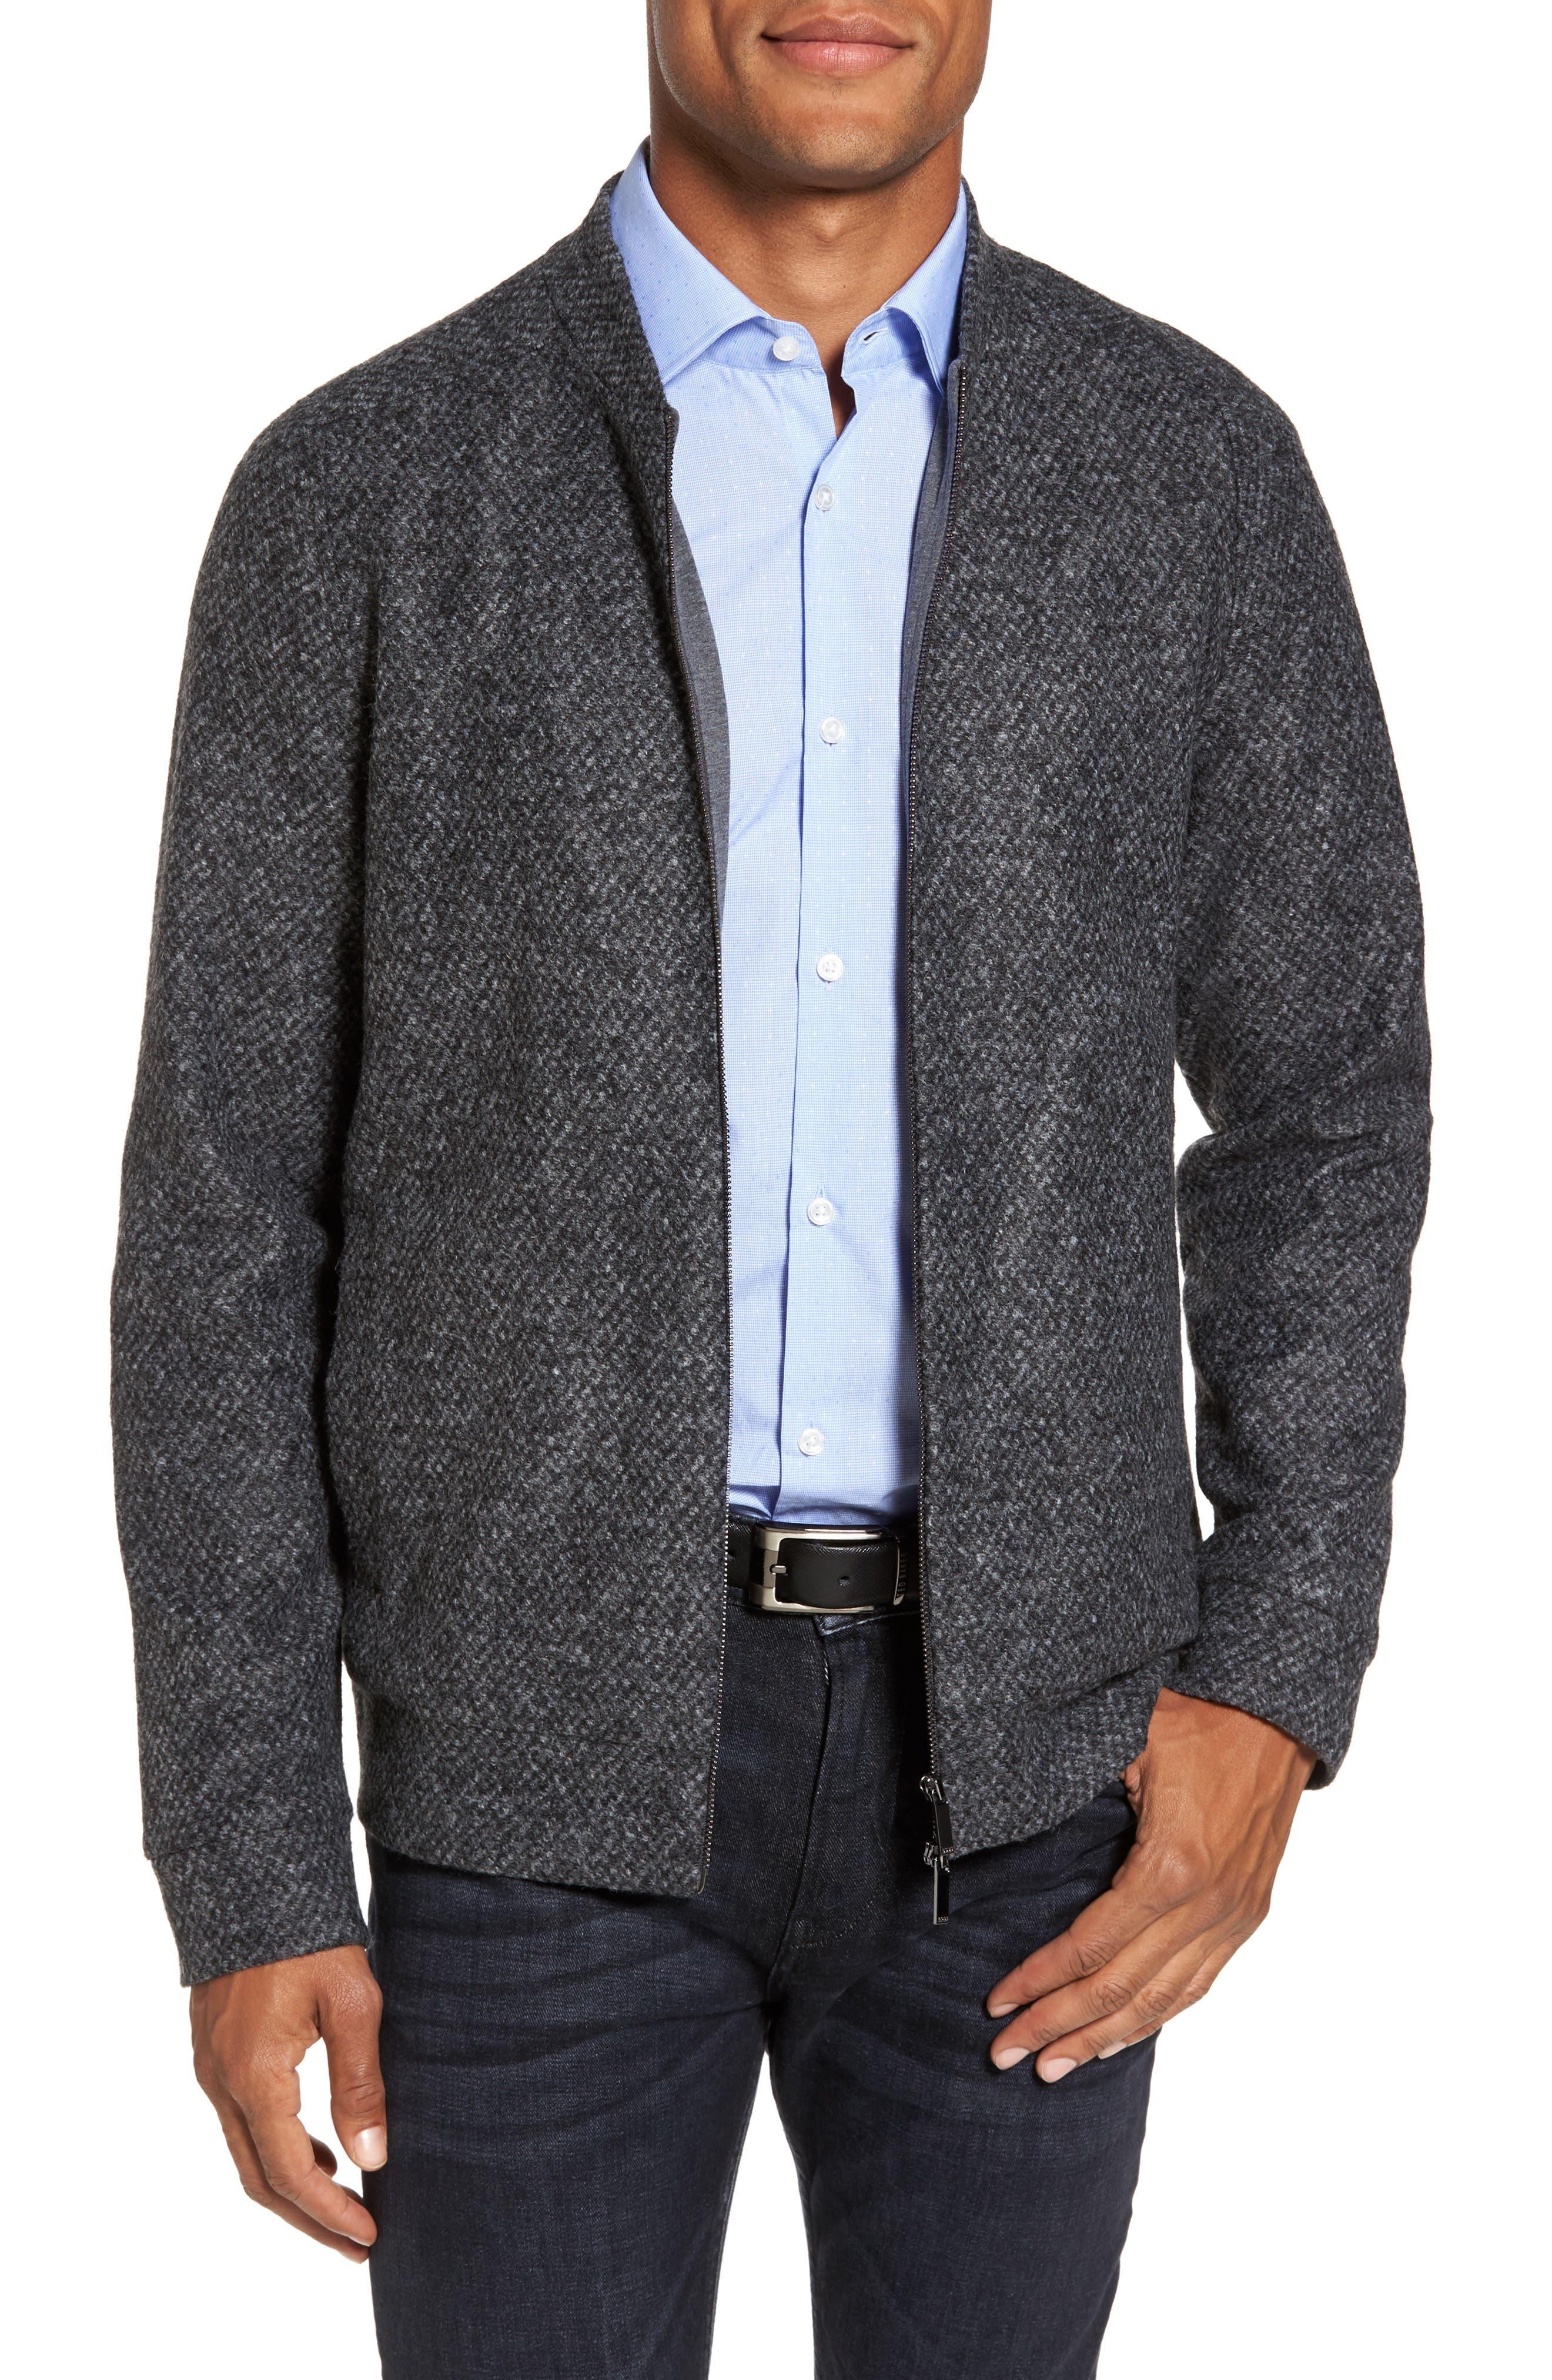 Salea Slim Fit Bomber Jacket,                         Main,                         color, Grey